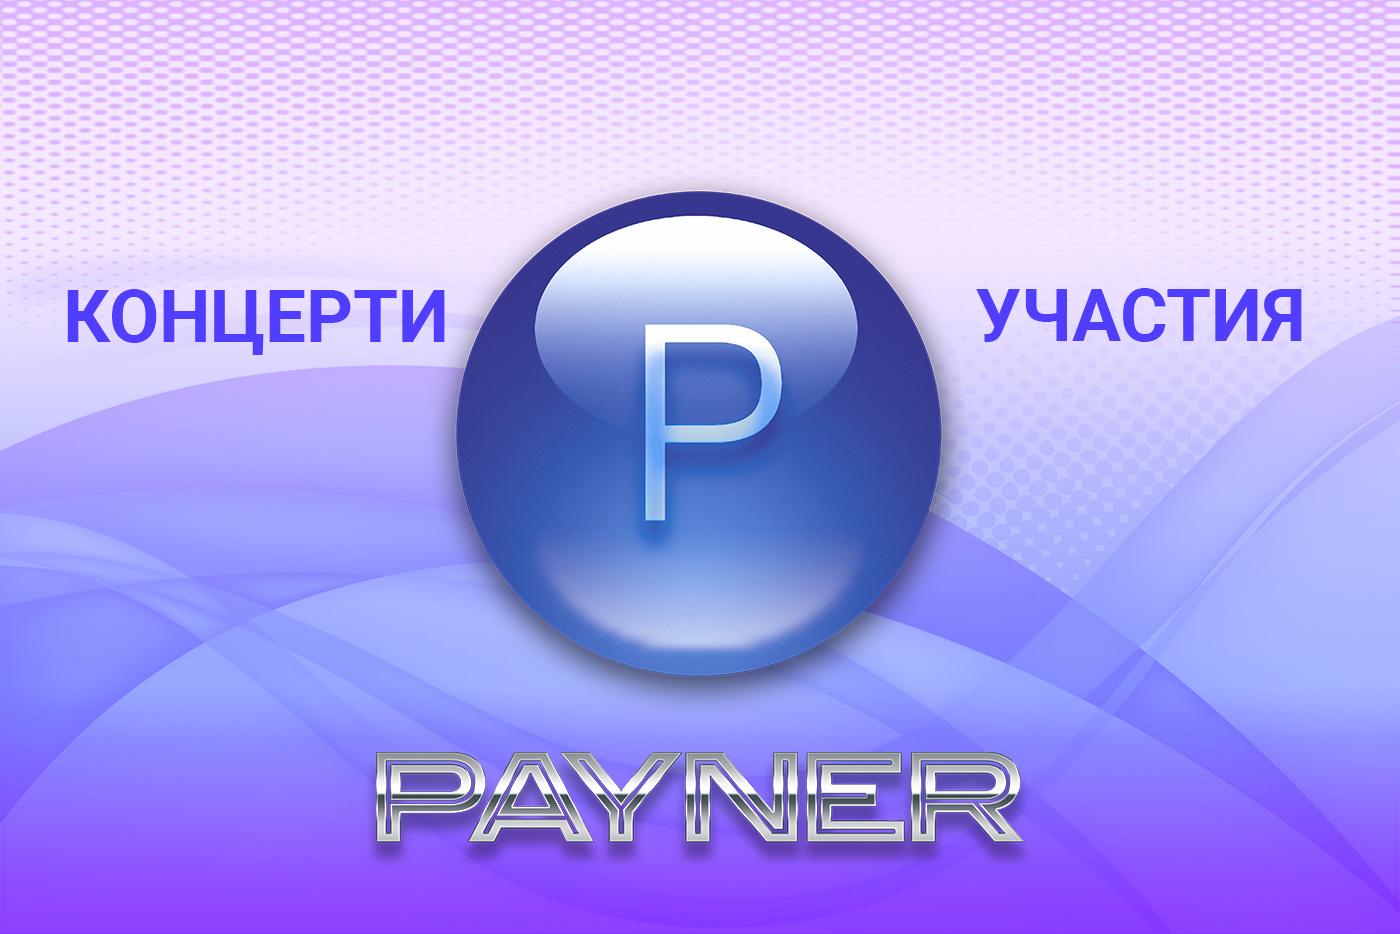 """Участия на звездите на """"Пайнер"""" на 19.02.2020"""